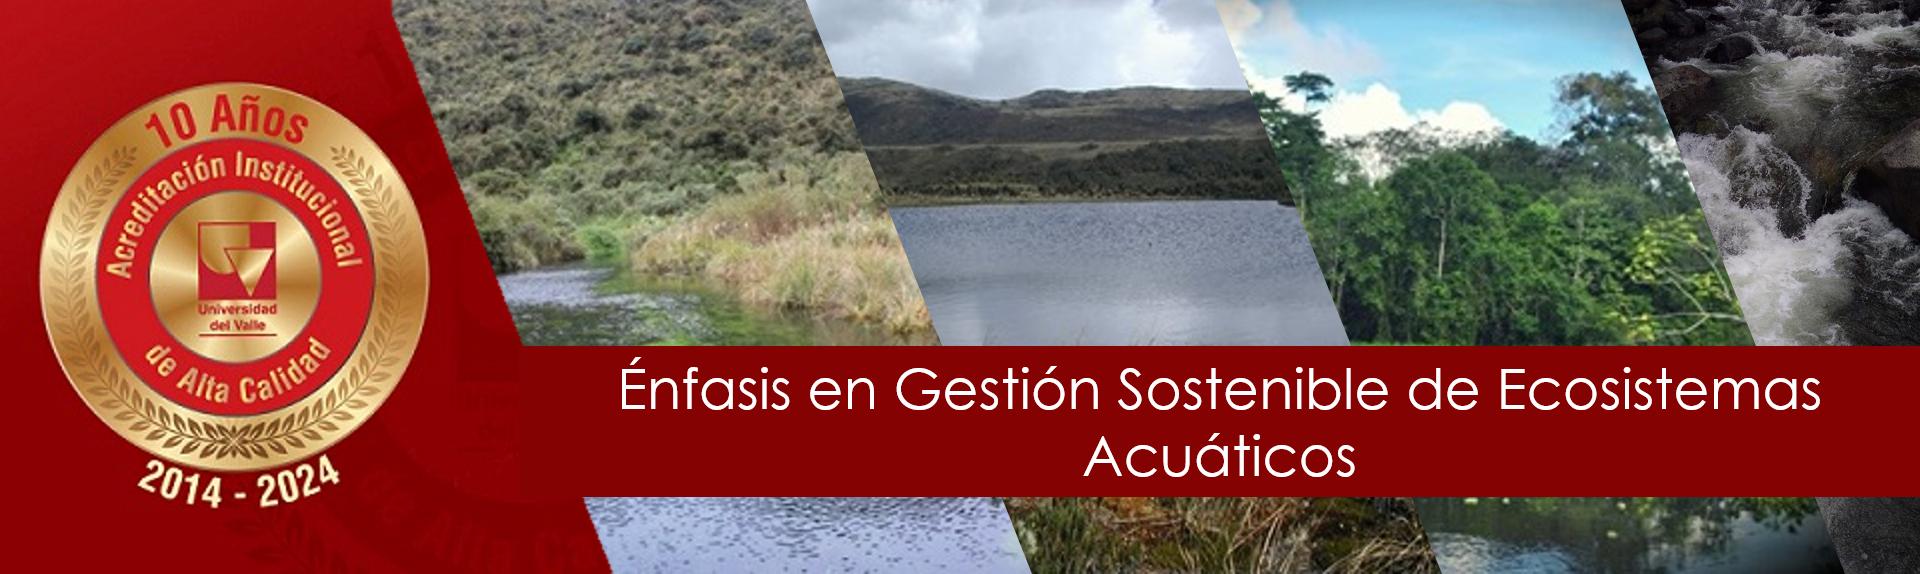 enfasis en ecosistemas acuaticos